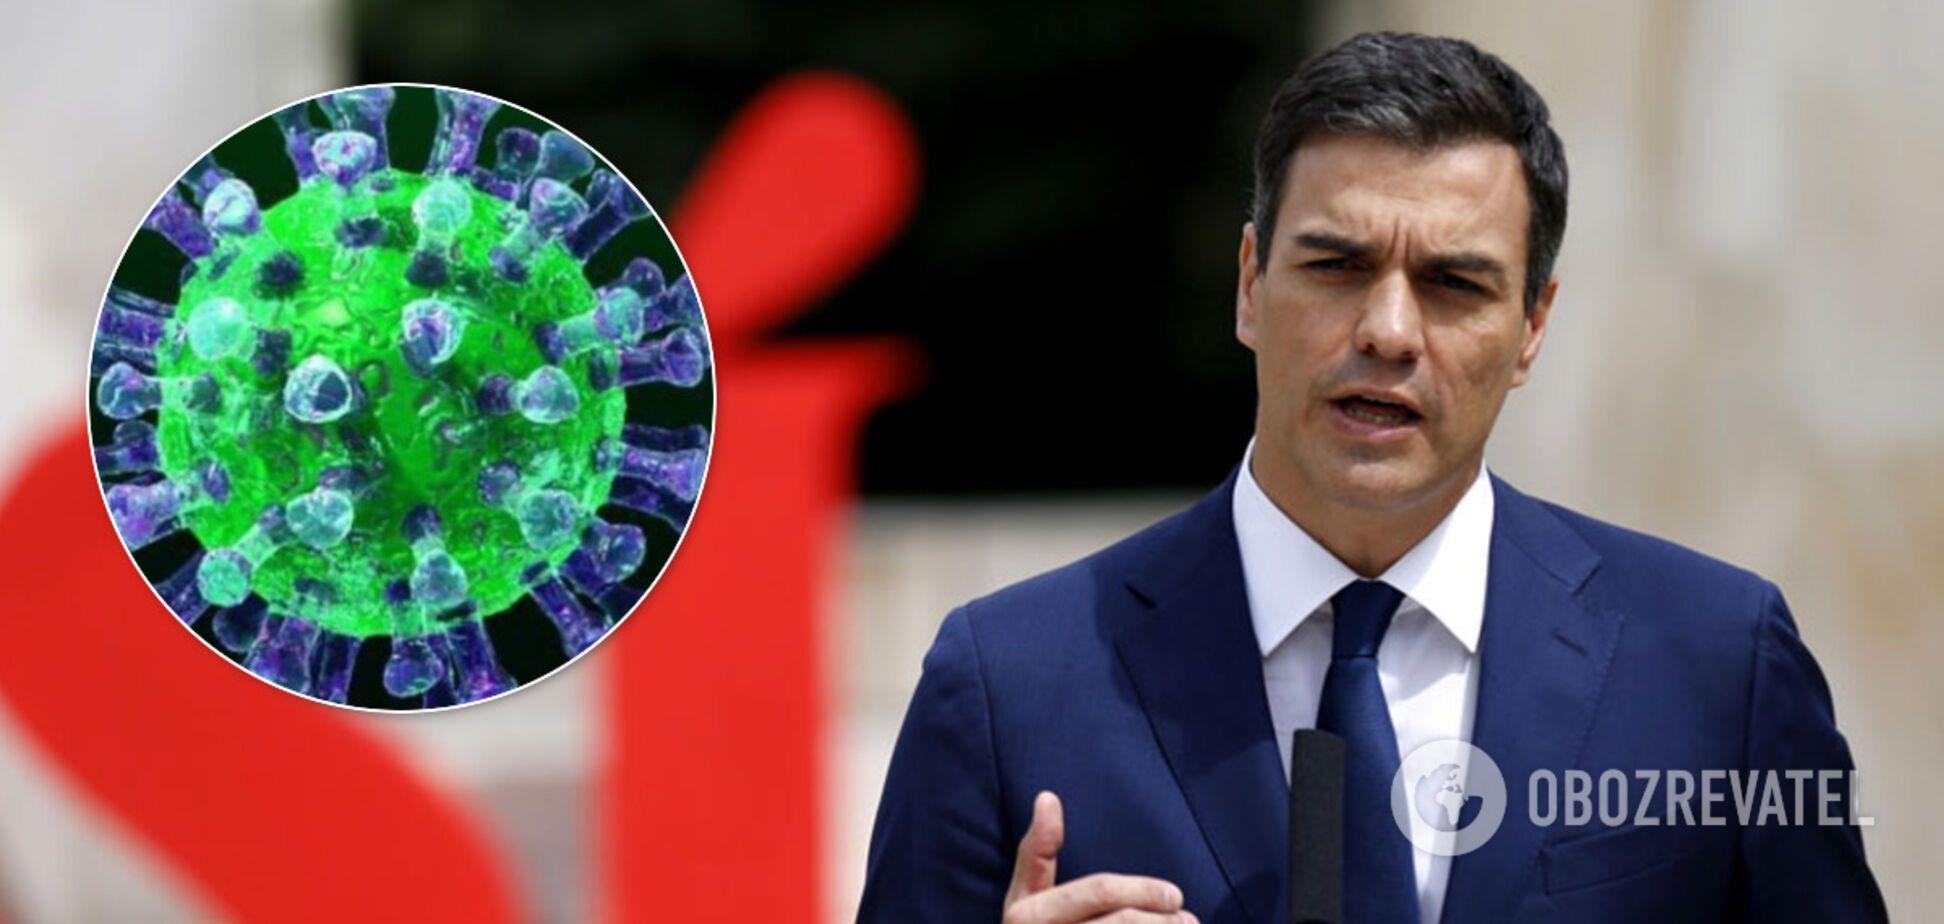 Педро Санчес заявил, что Европе нужен новый план Маршалла